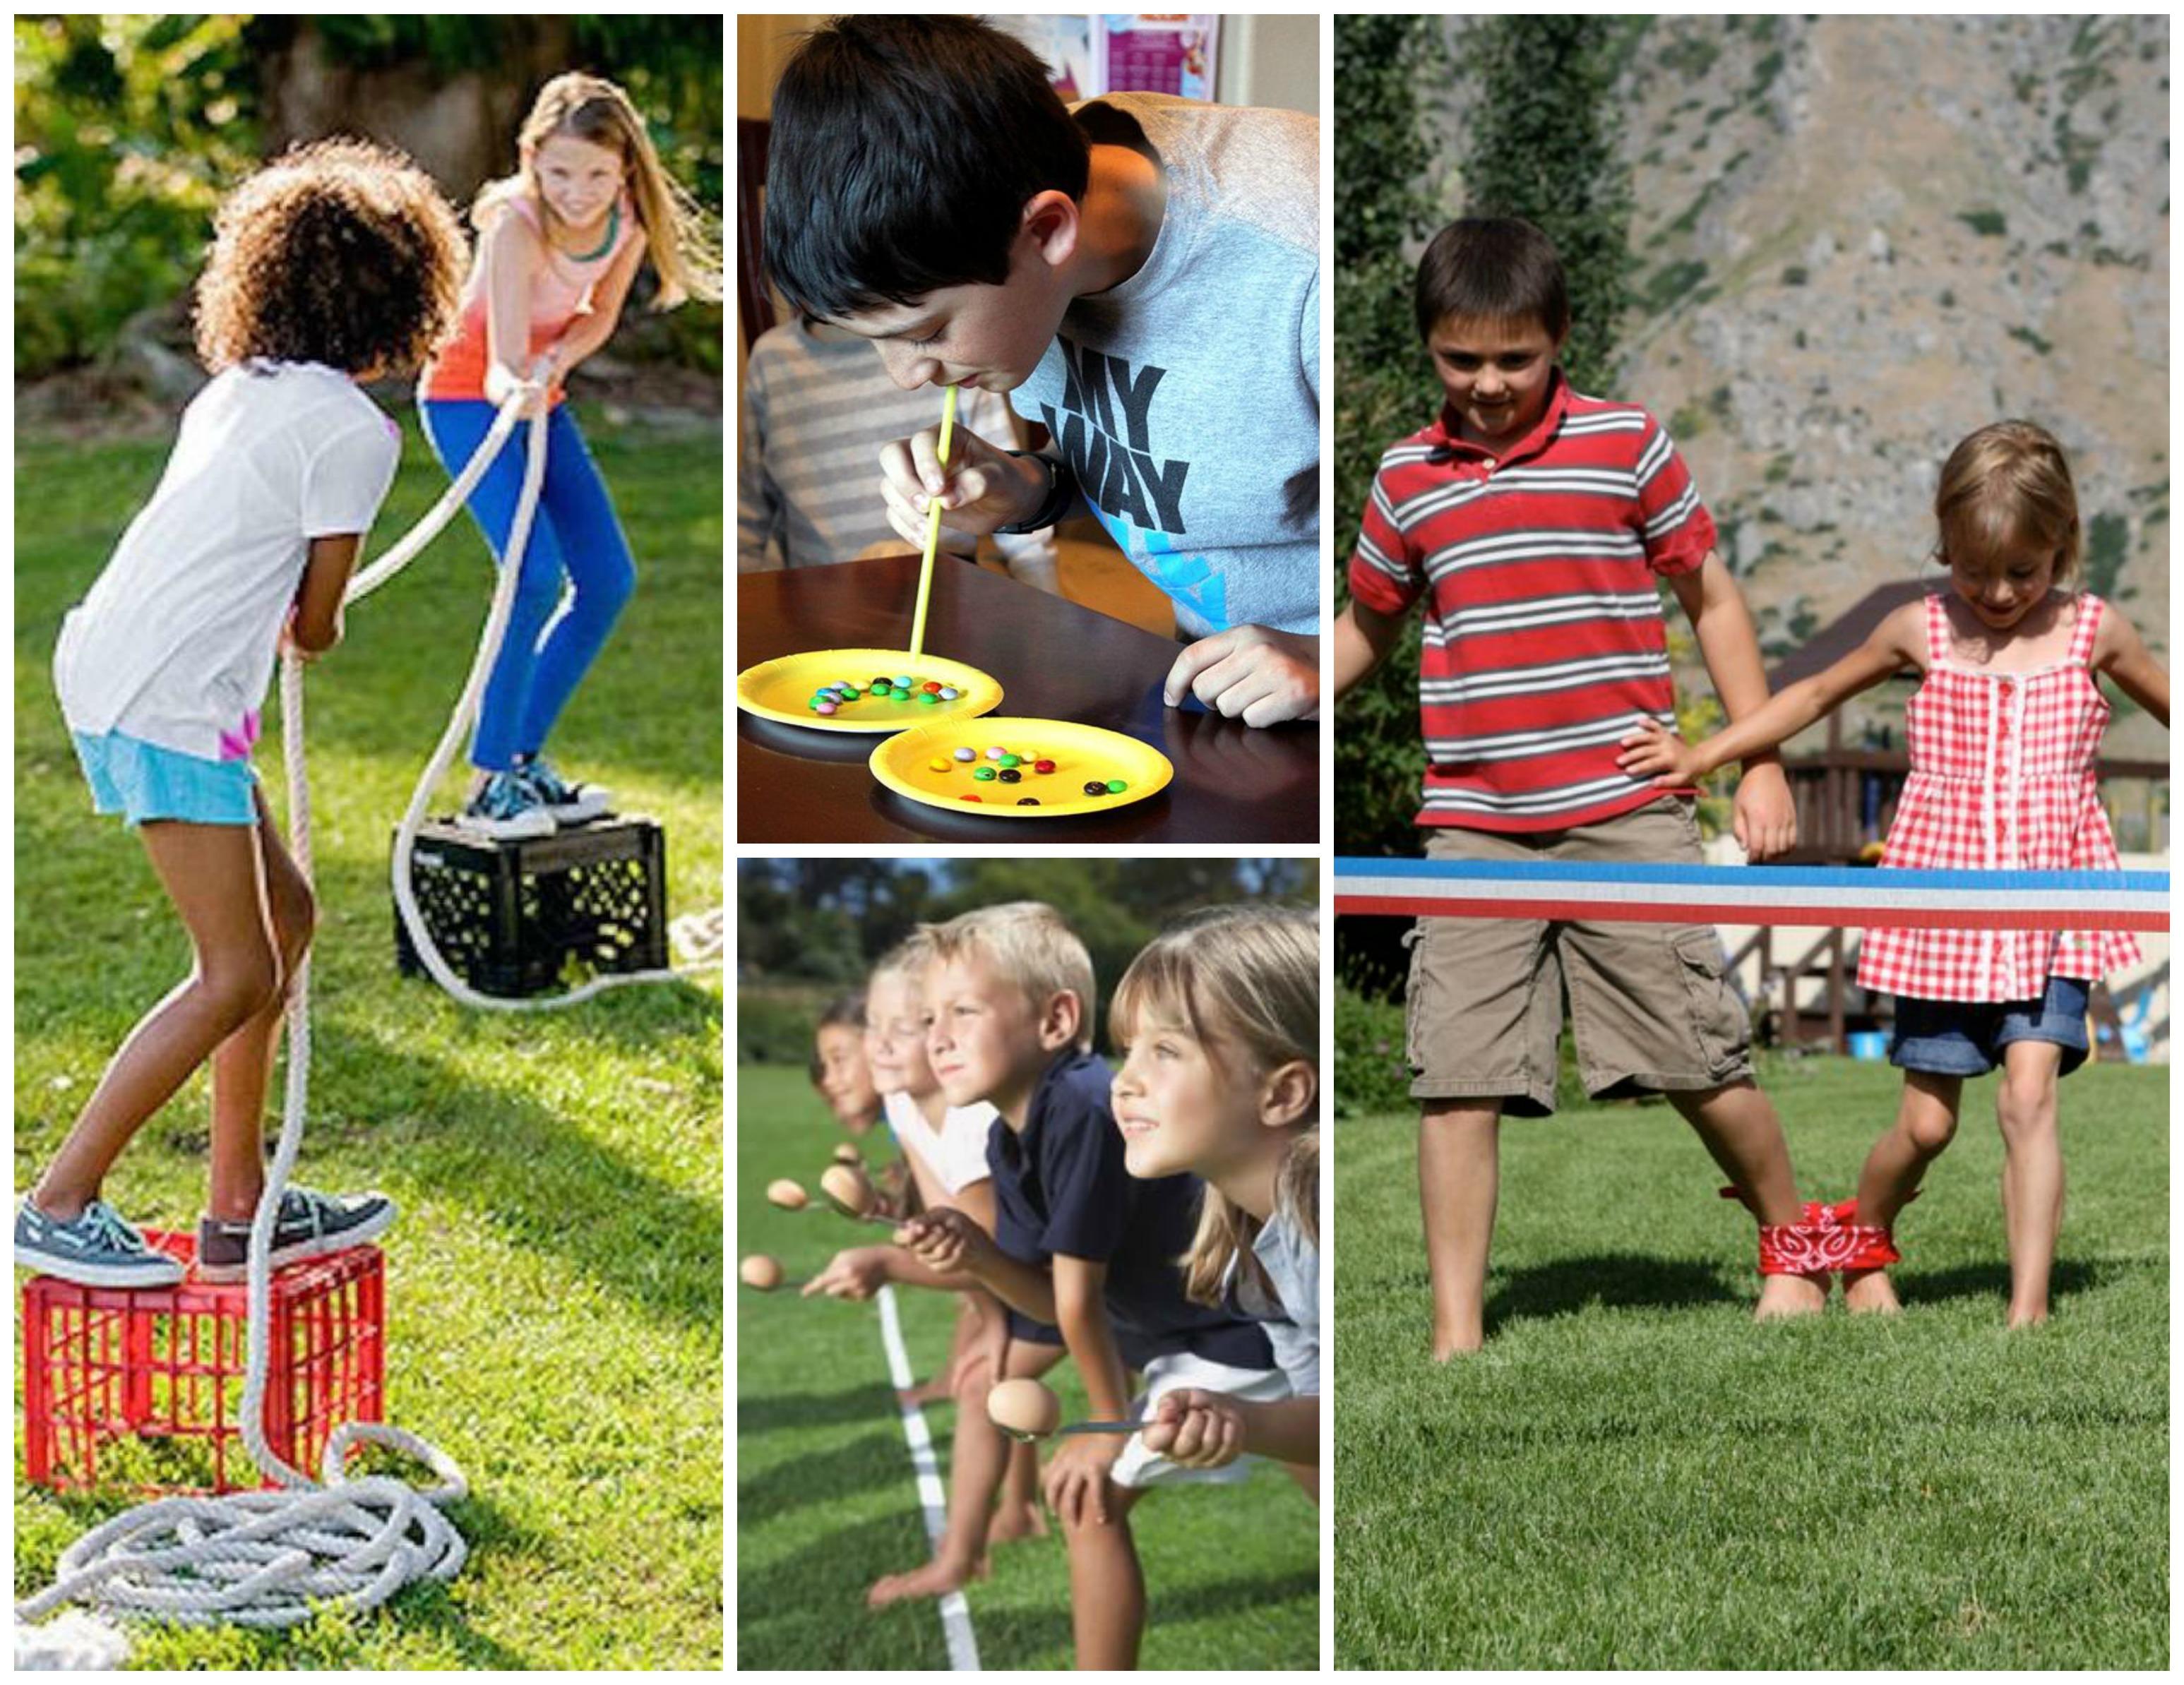 Brincadeiras recreativa para crianças na festa infantil